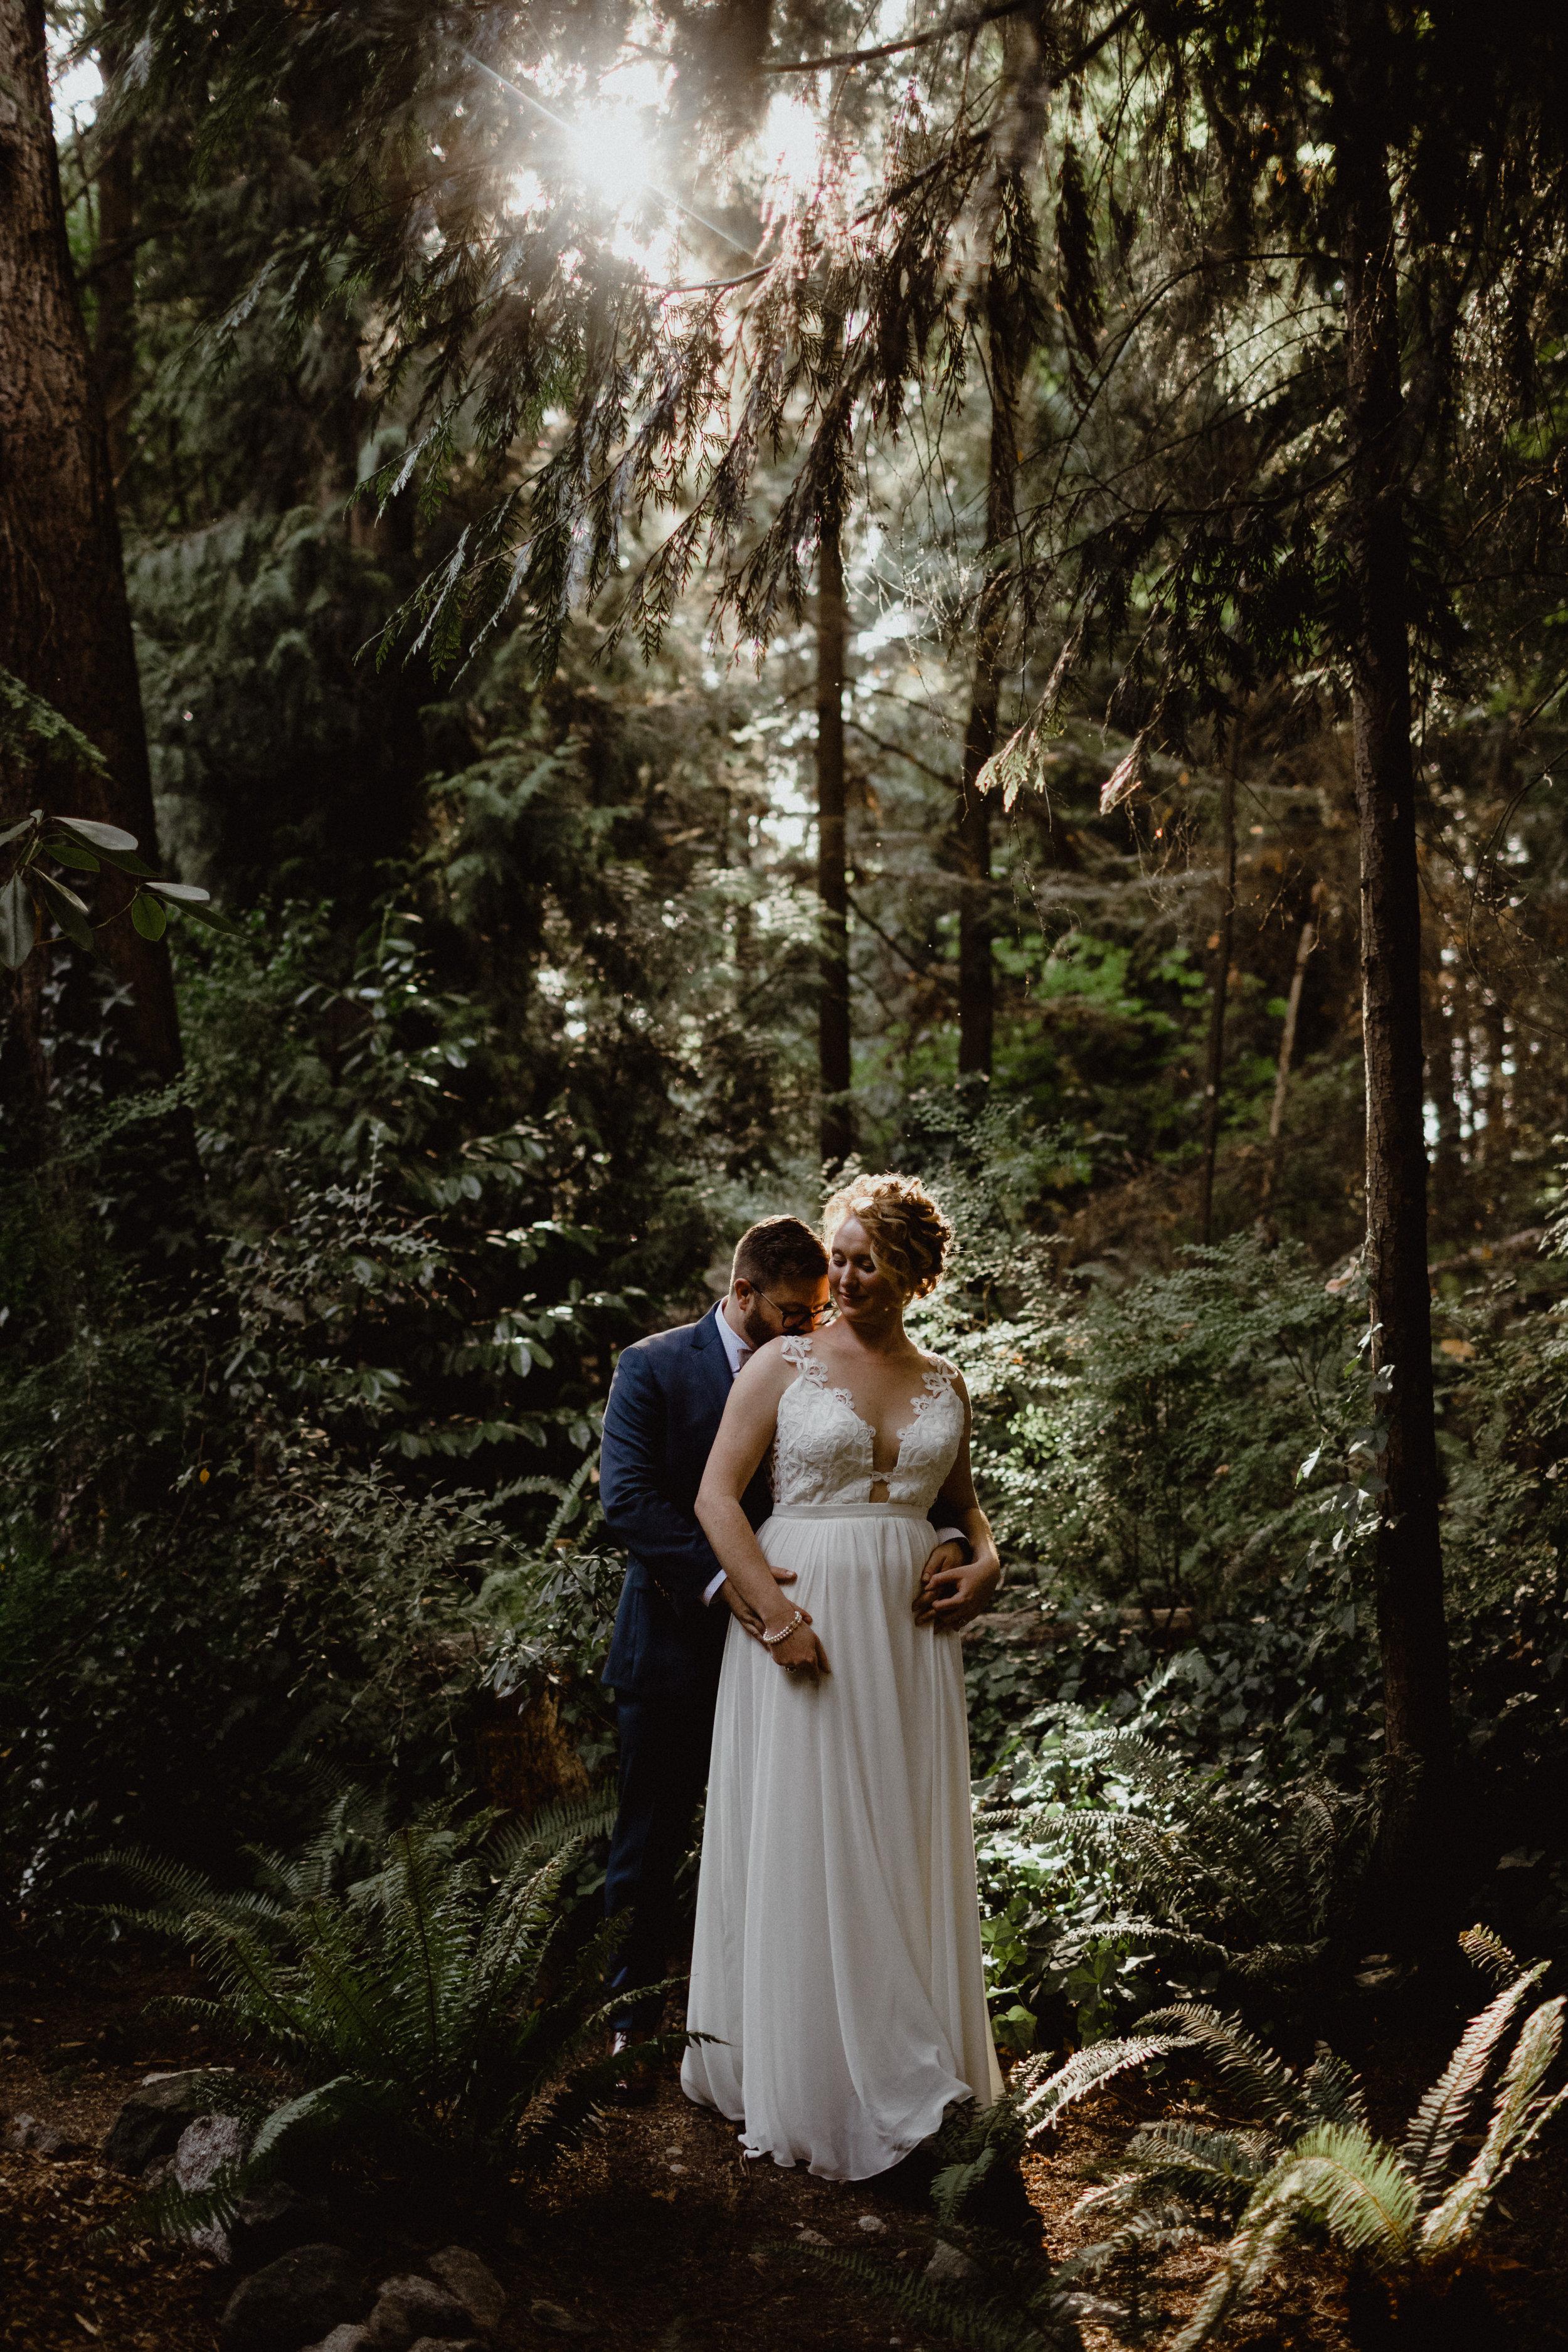 west-vancouver-backyard-wedding-188.jpg